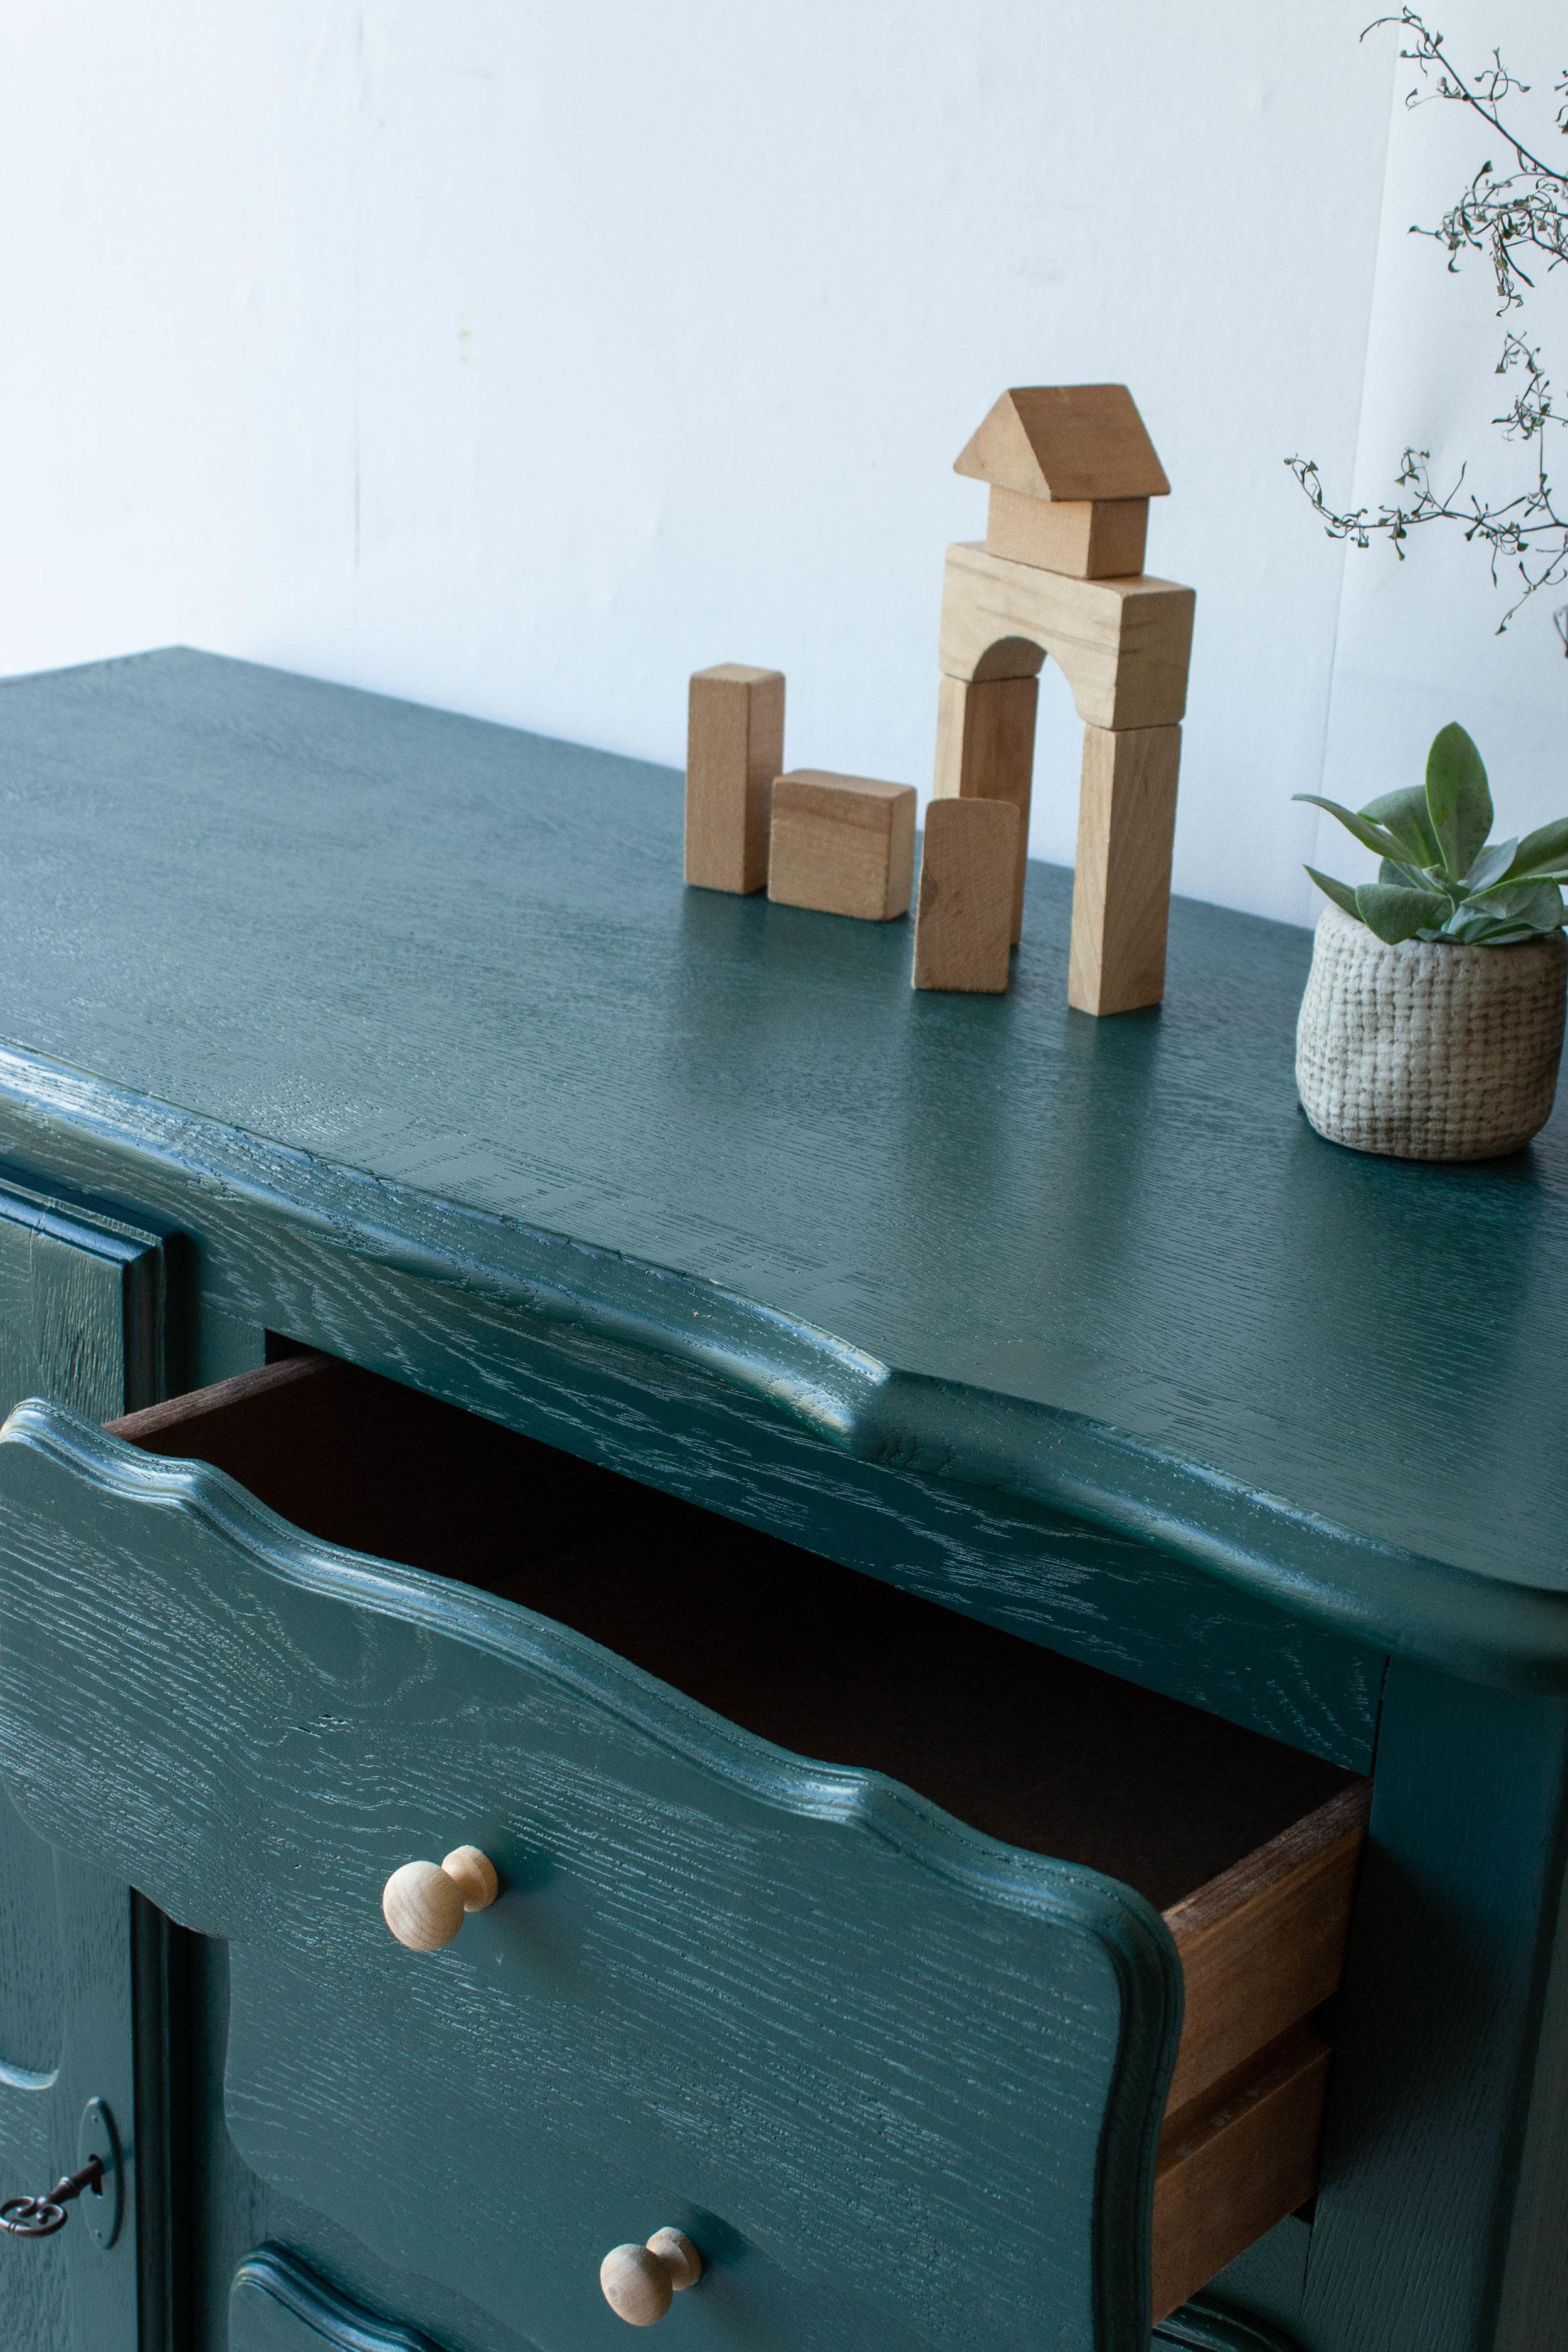 1538 - Amazone groen vintage kastje-5.jpg